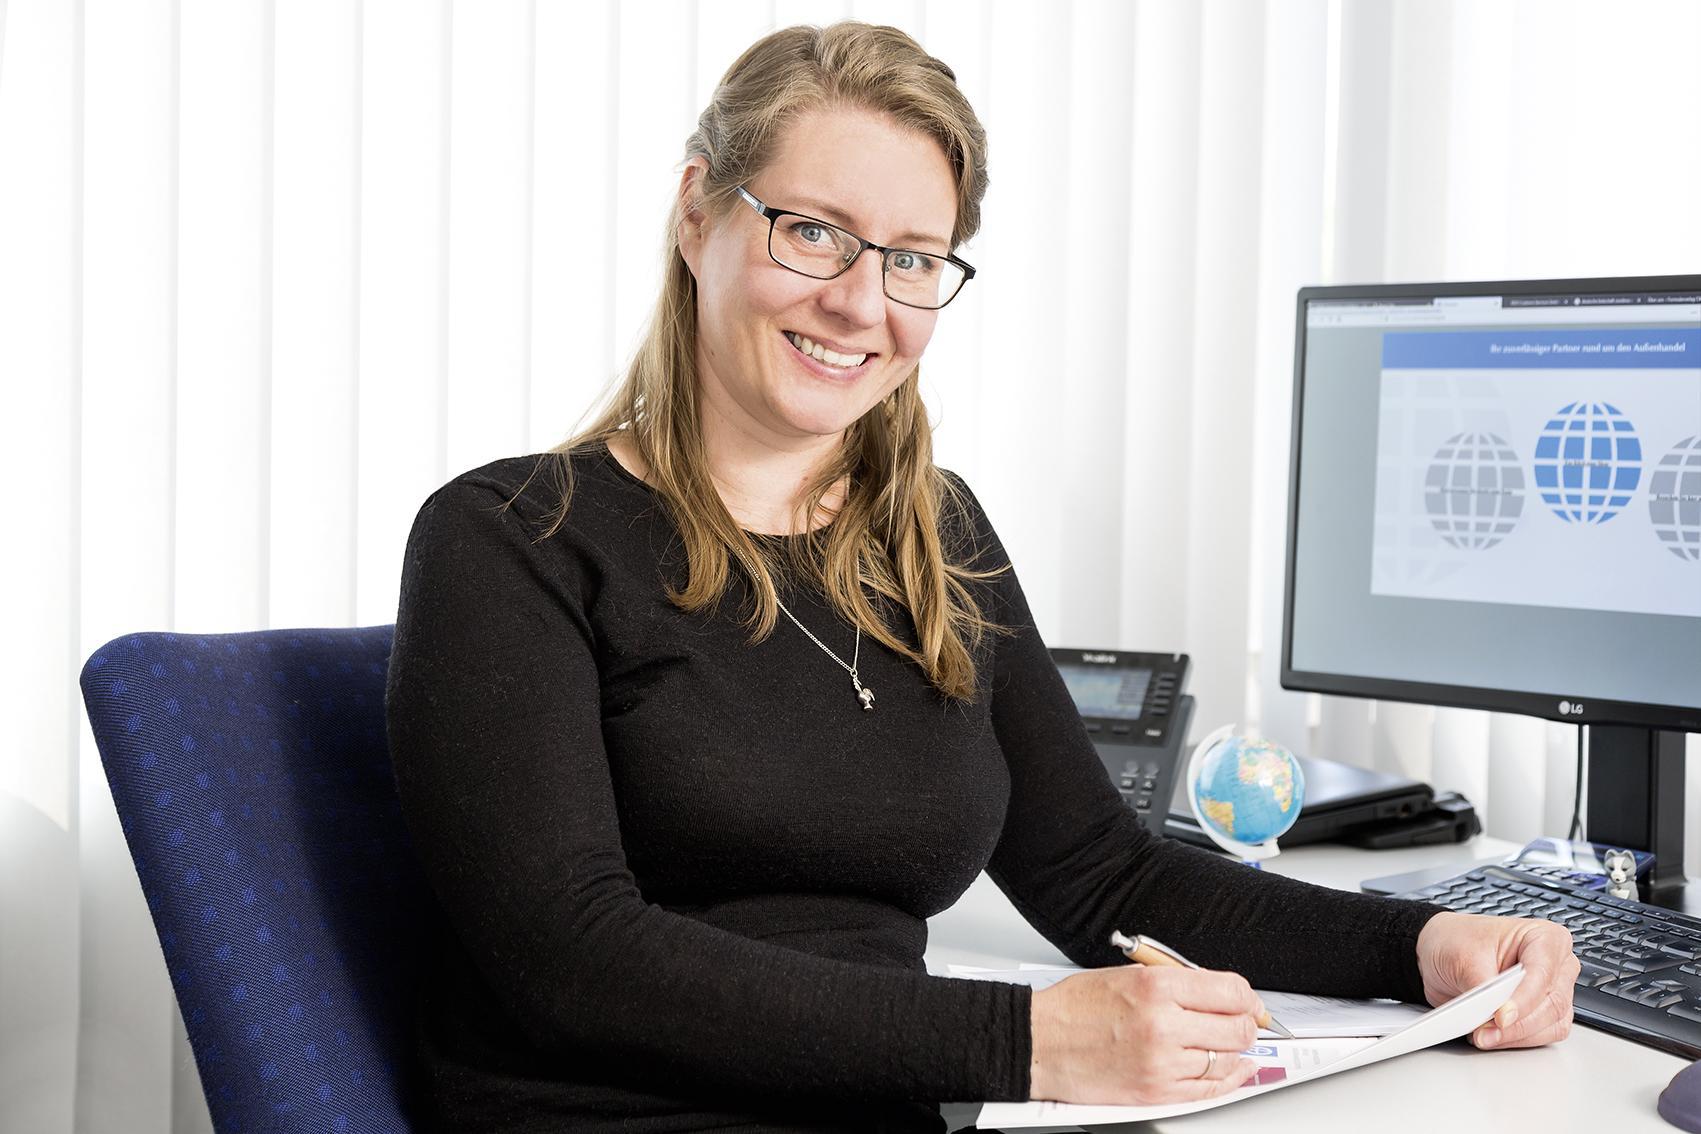 Anne Kietzmann